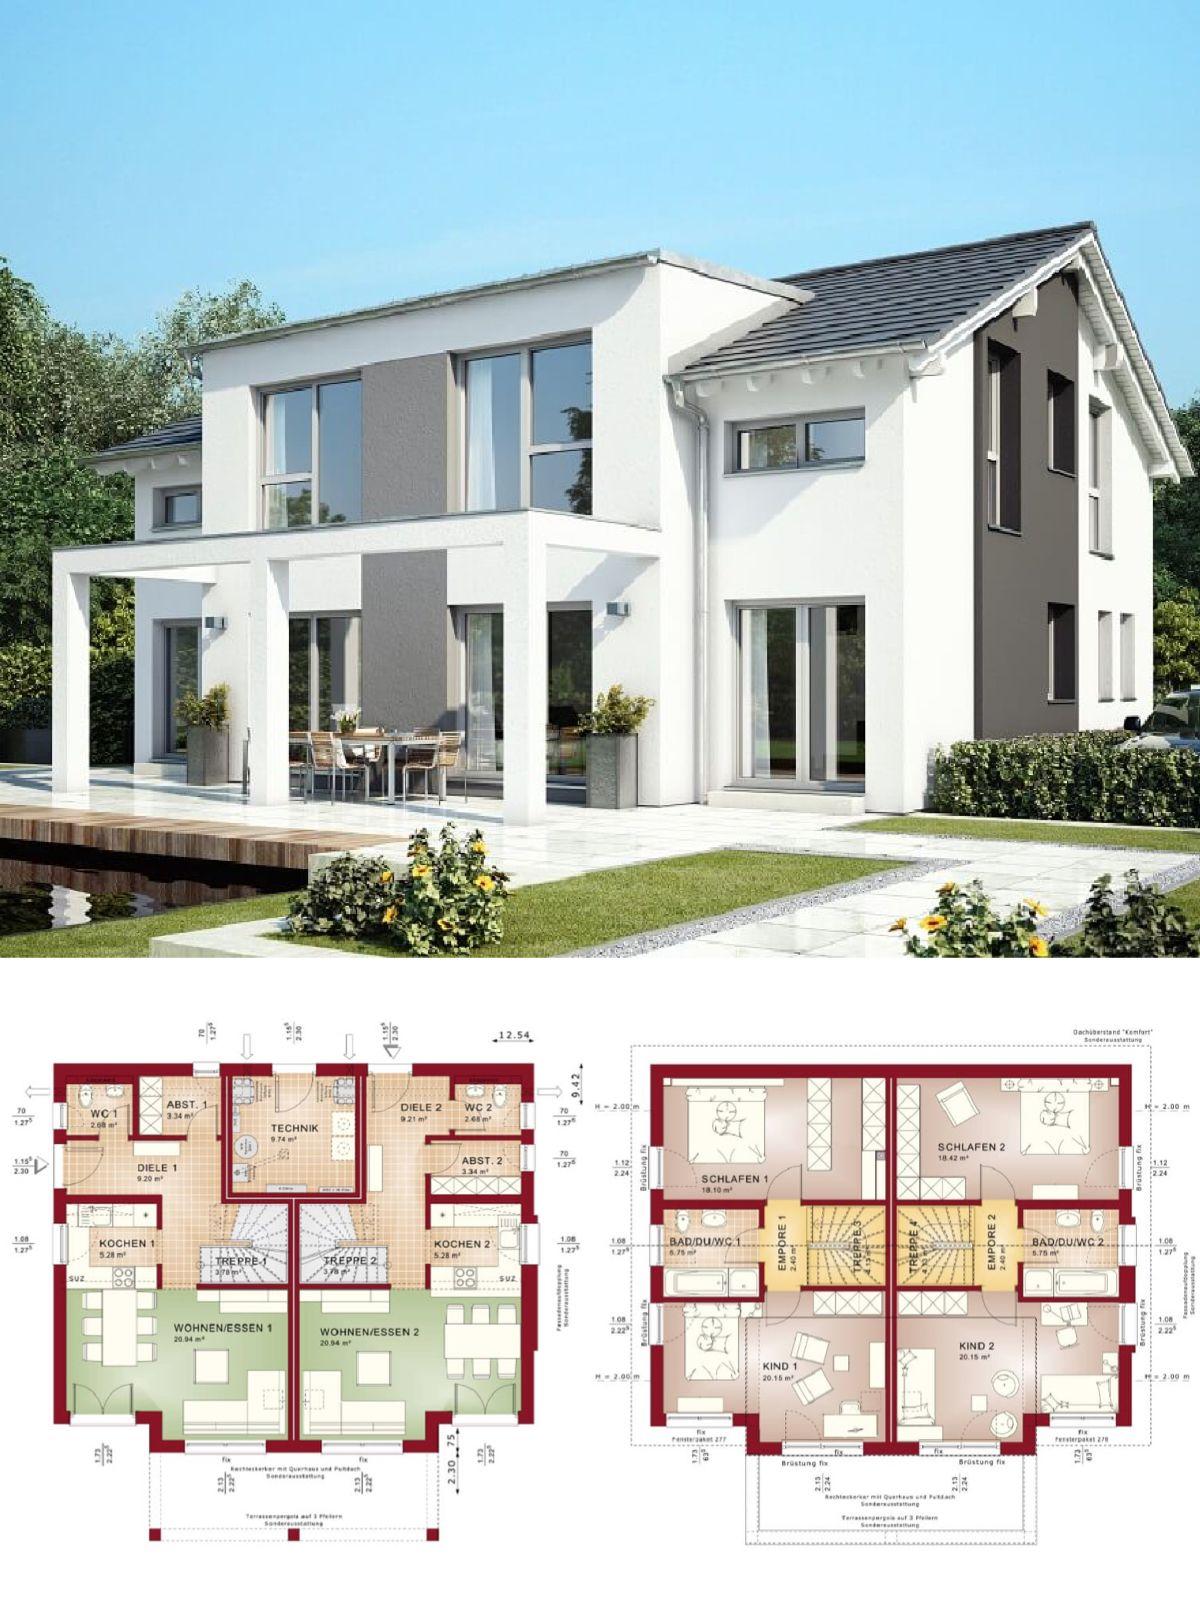 stadtvilla als doppelhaus architektur modern mit satteldach pergola haus bauen grundriss. Black Bedroom Furniture Sets. Home Design Ideas